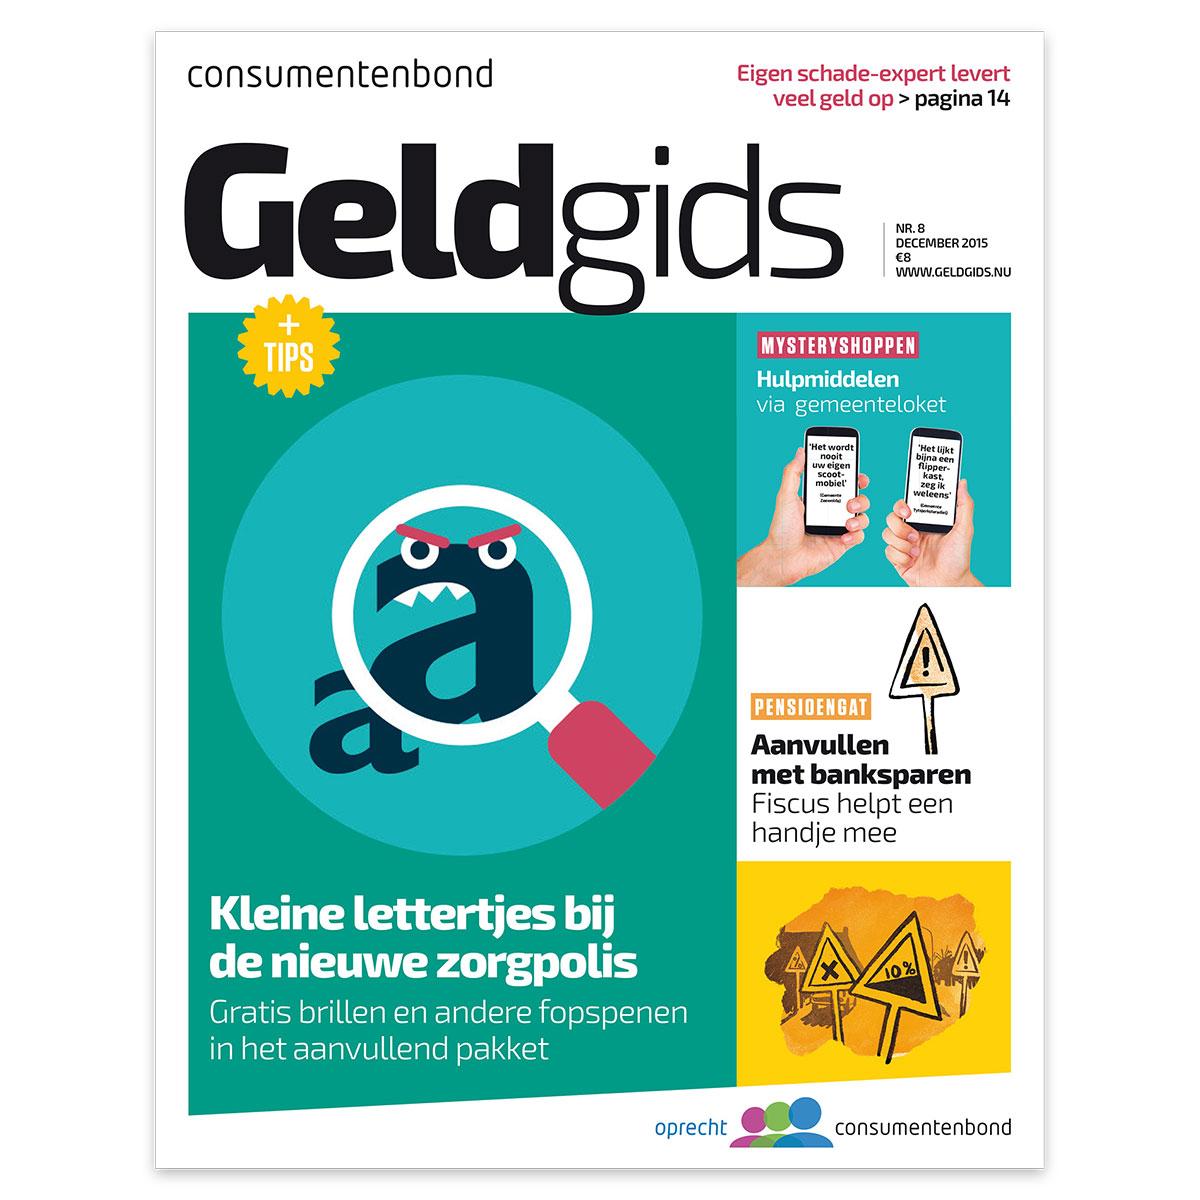 Geldgids-8-WW-